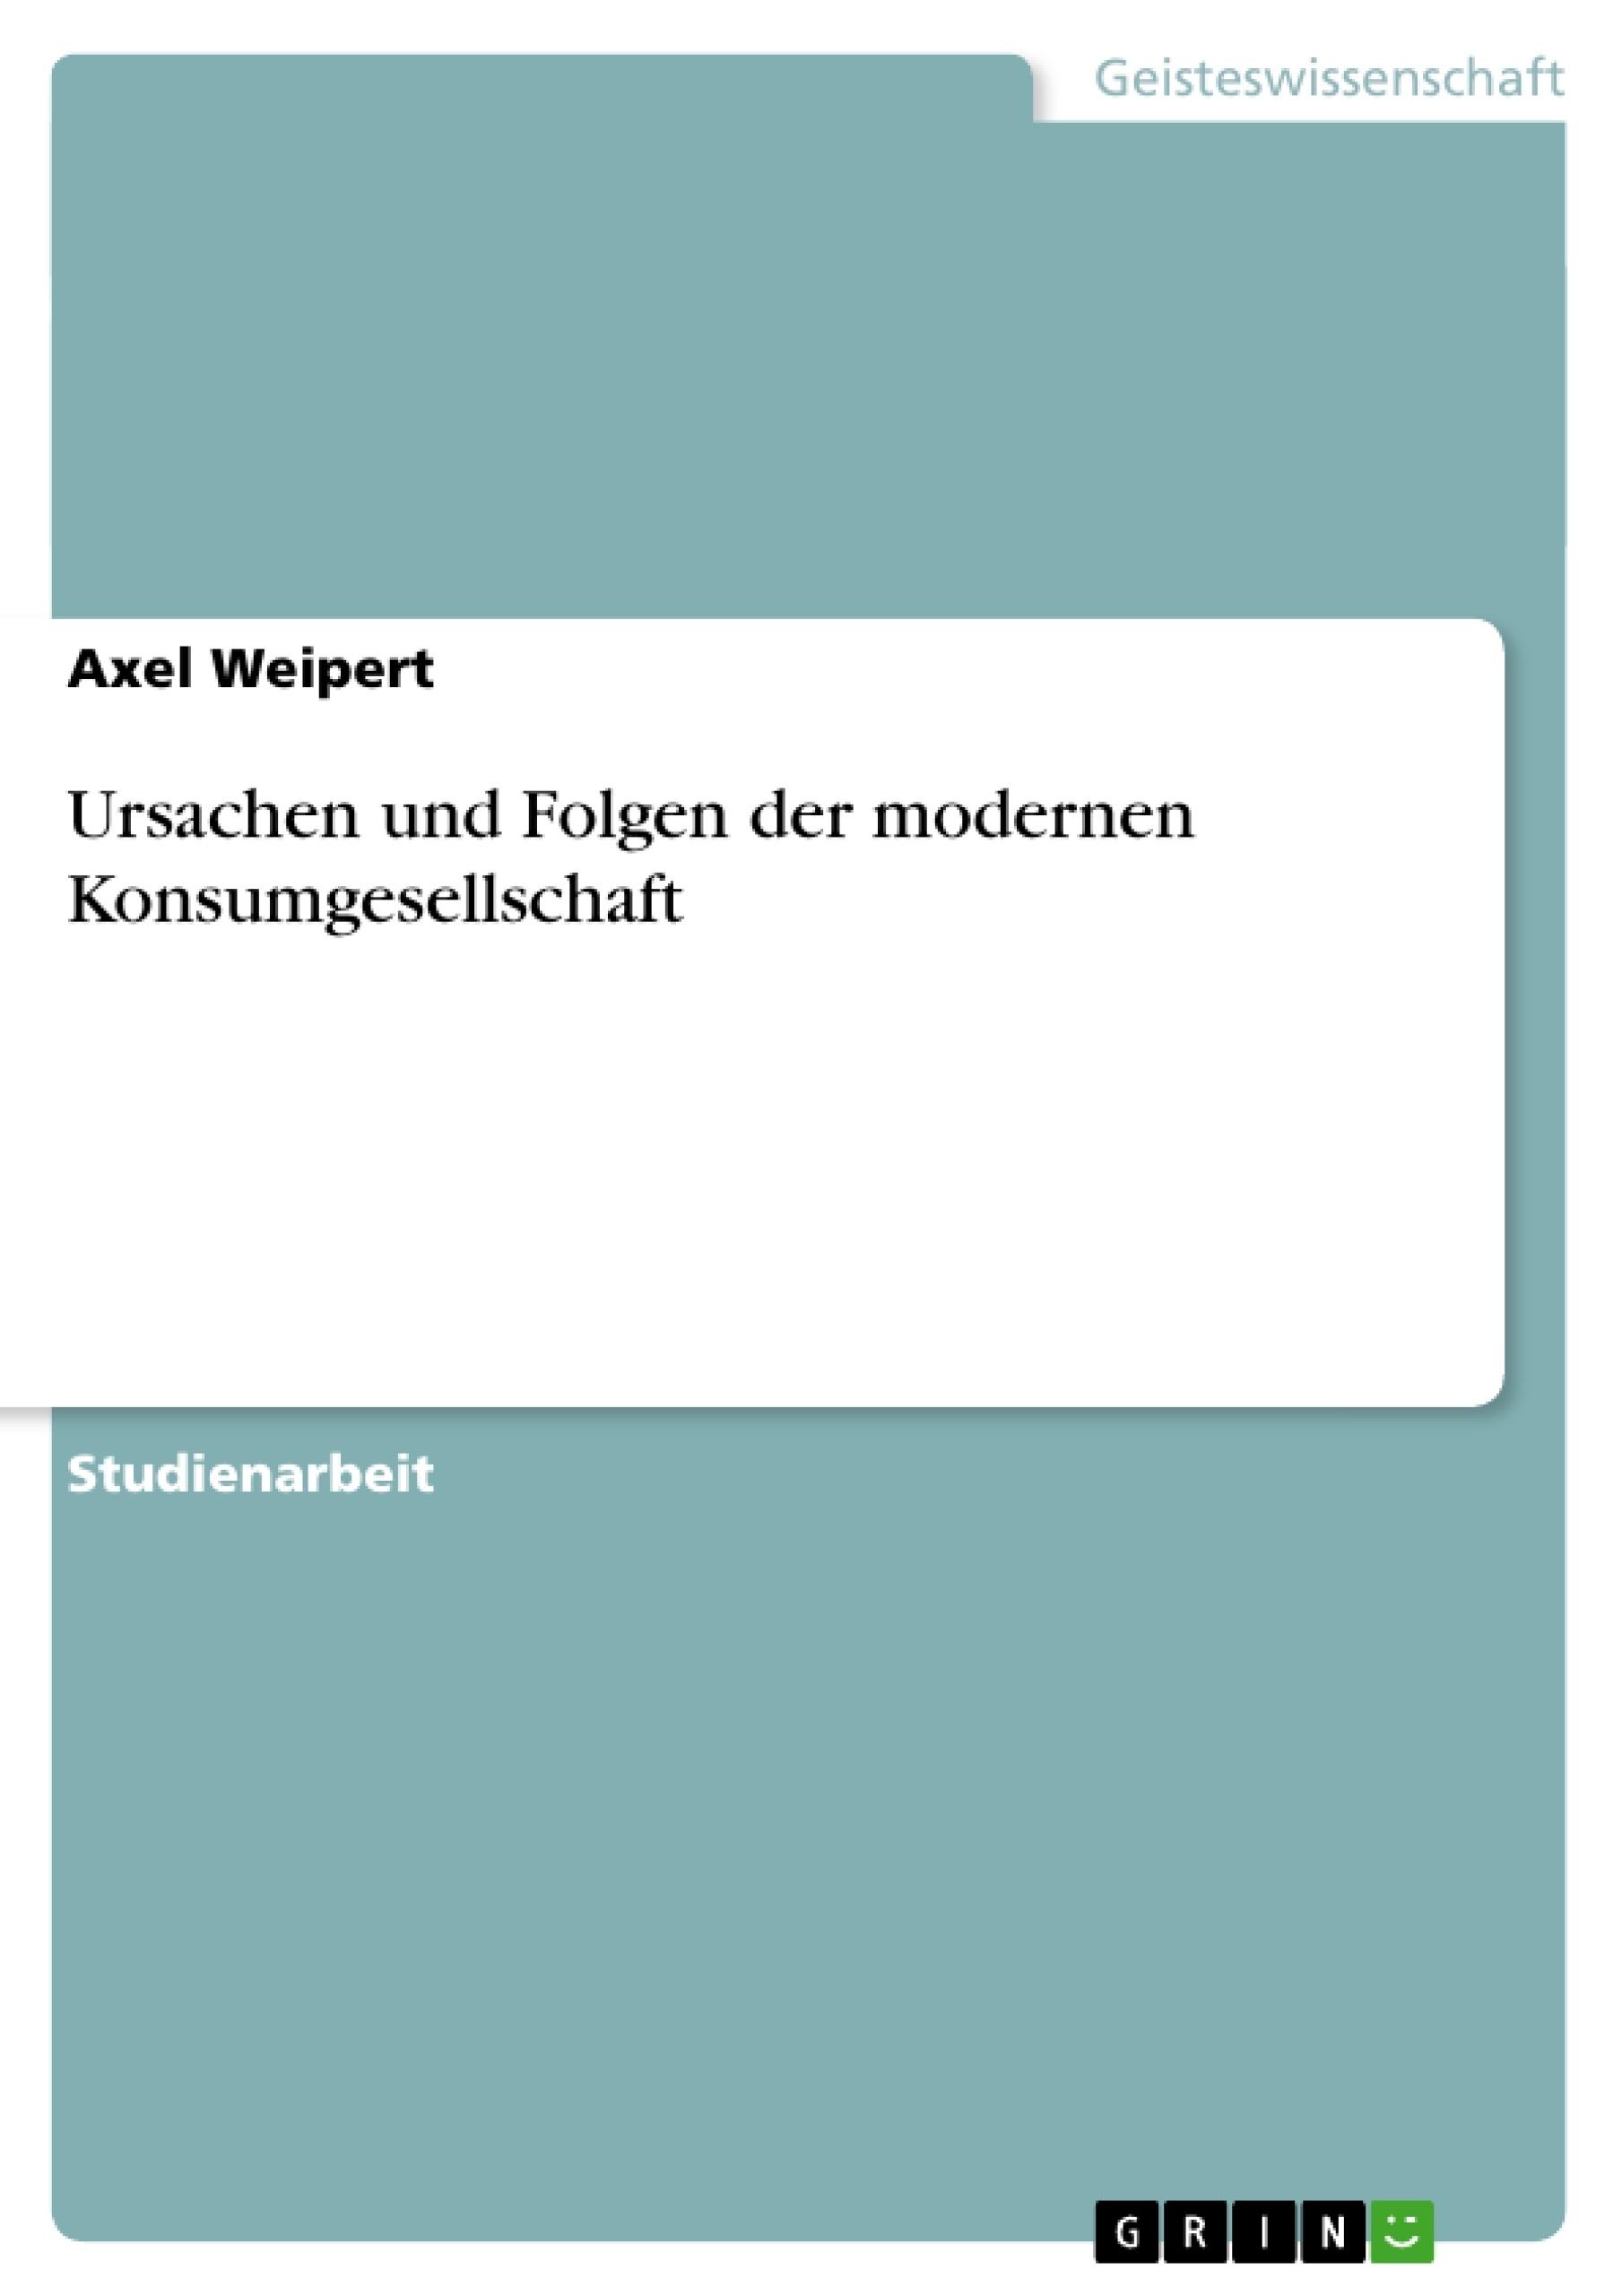 Titel: Ursachen und Folgen der modernen Konsumgesellschaft